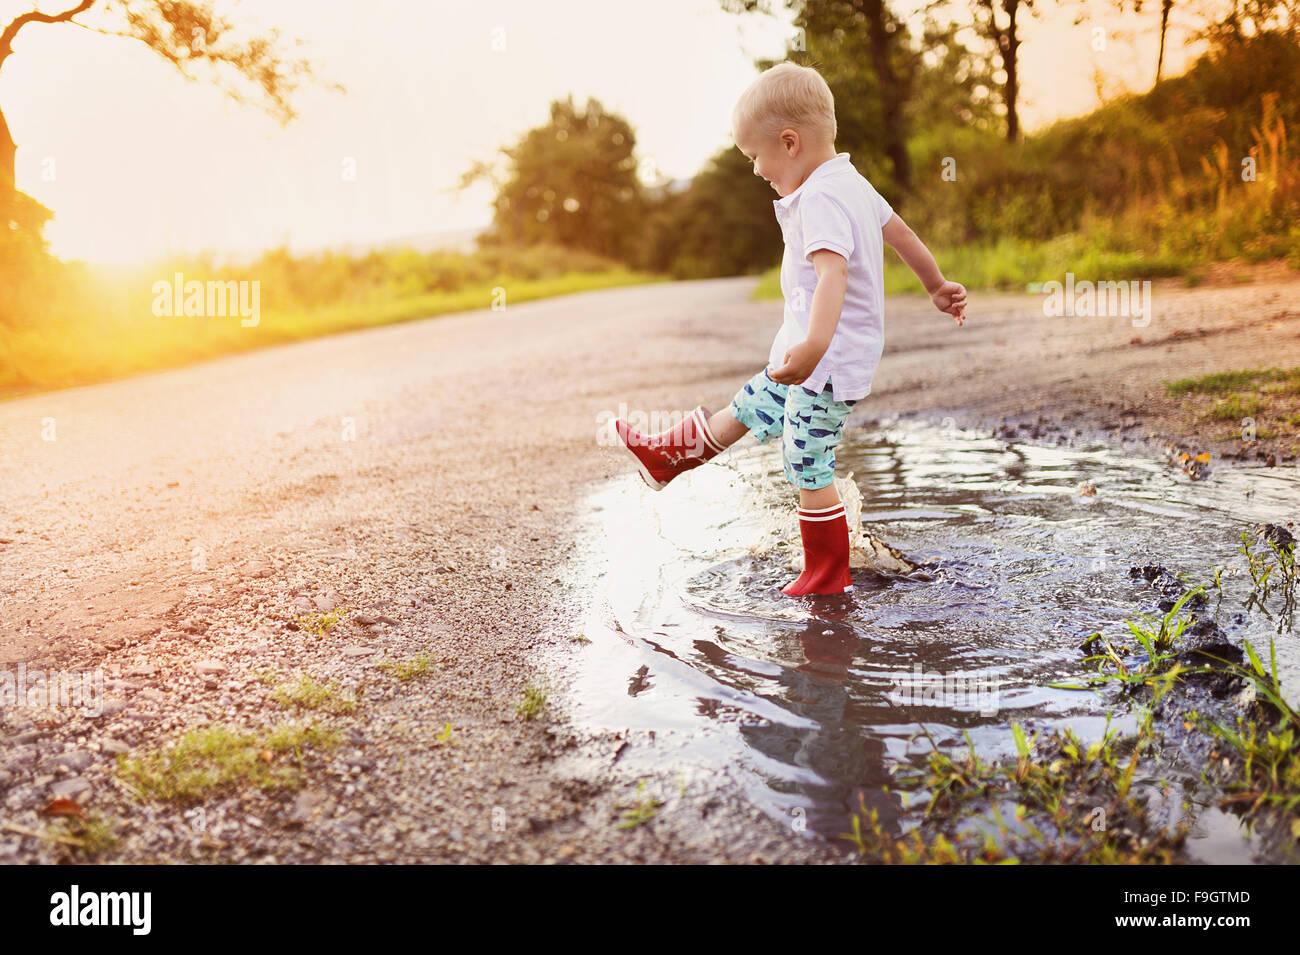 Kleine Jungen spielen im Freien in einer Pfütze Stockfoto